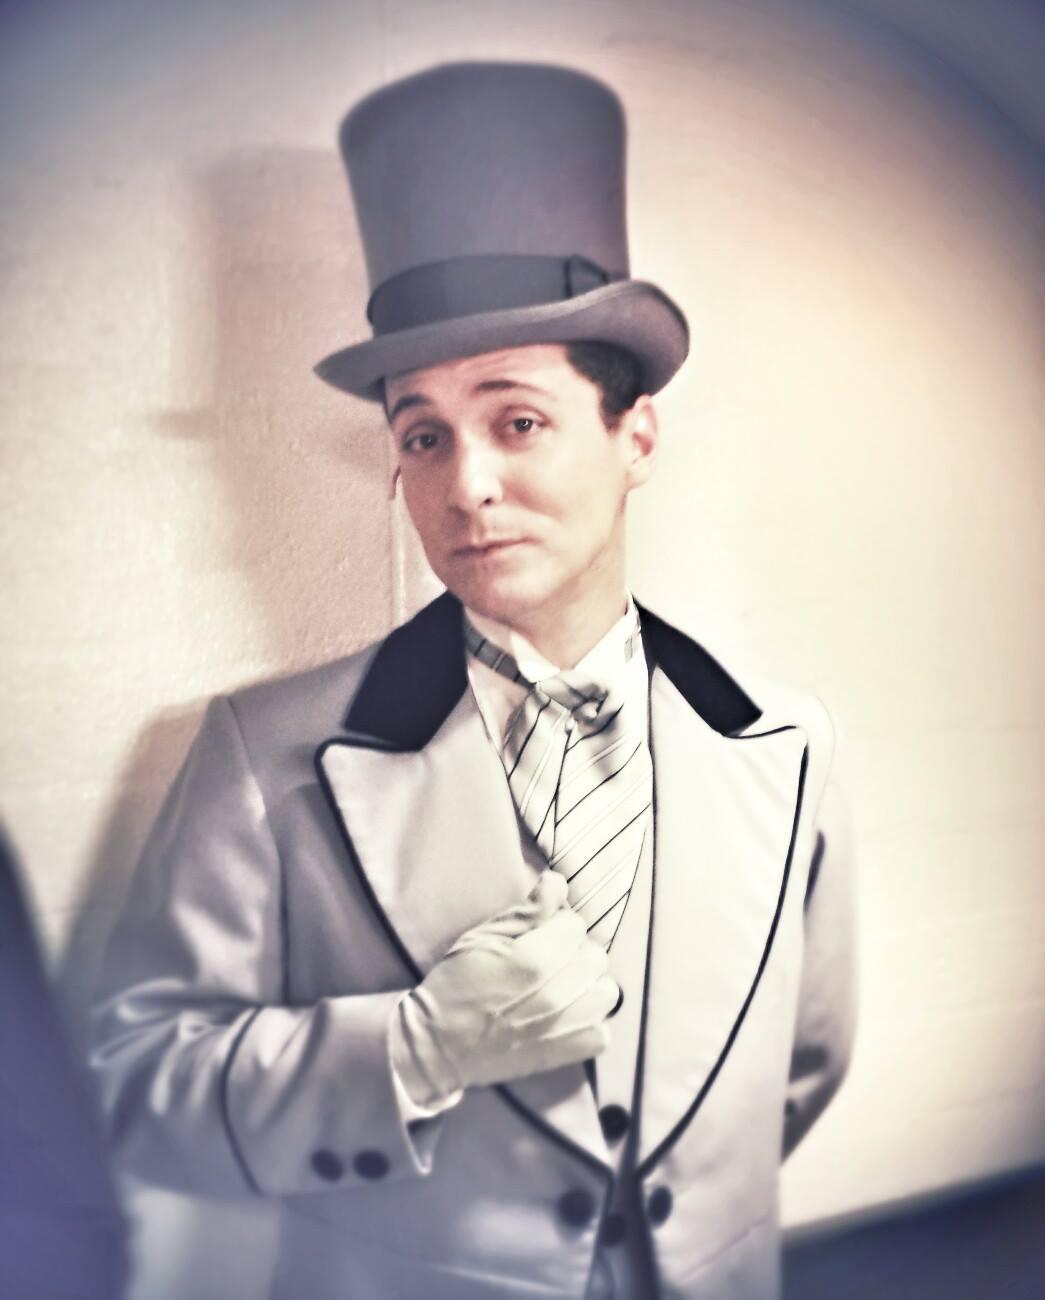 Ian Christiansen as Freddy Eynesford-Hill.